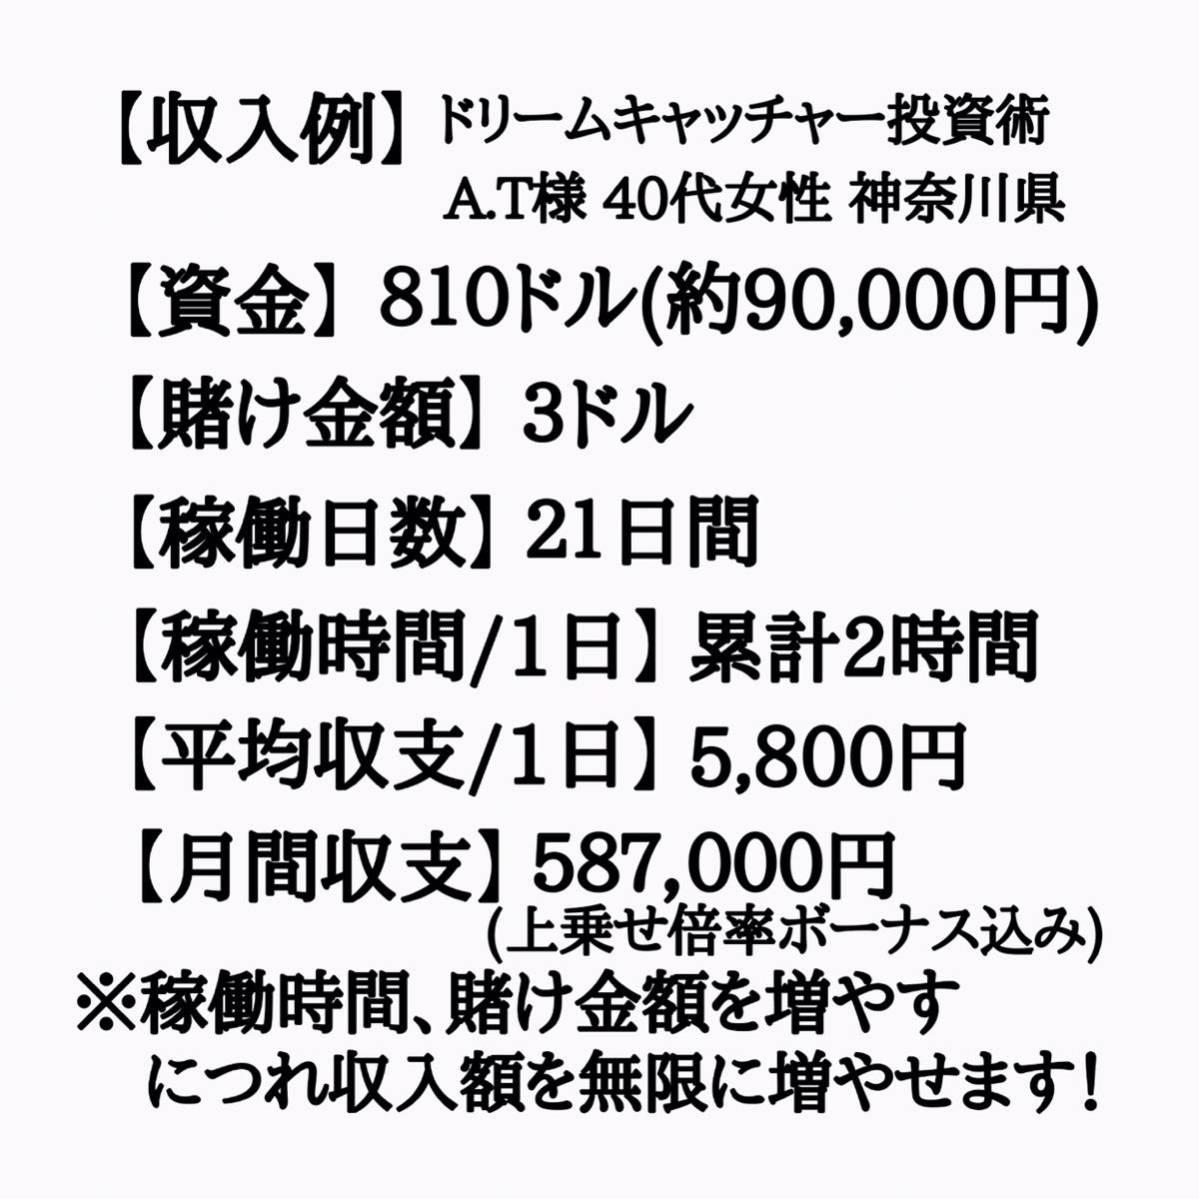 《先着3名様限定》通常価格¥90,000円⇒先着限定価格¥6,980円 完全オリジナル極秘投資術セット 攻略法 仮想通貨 FX 投資 カジノ 副業 0_画像10